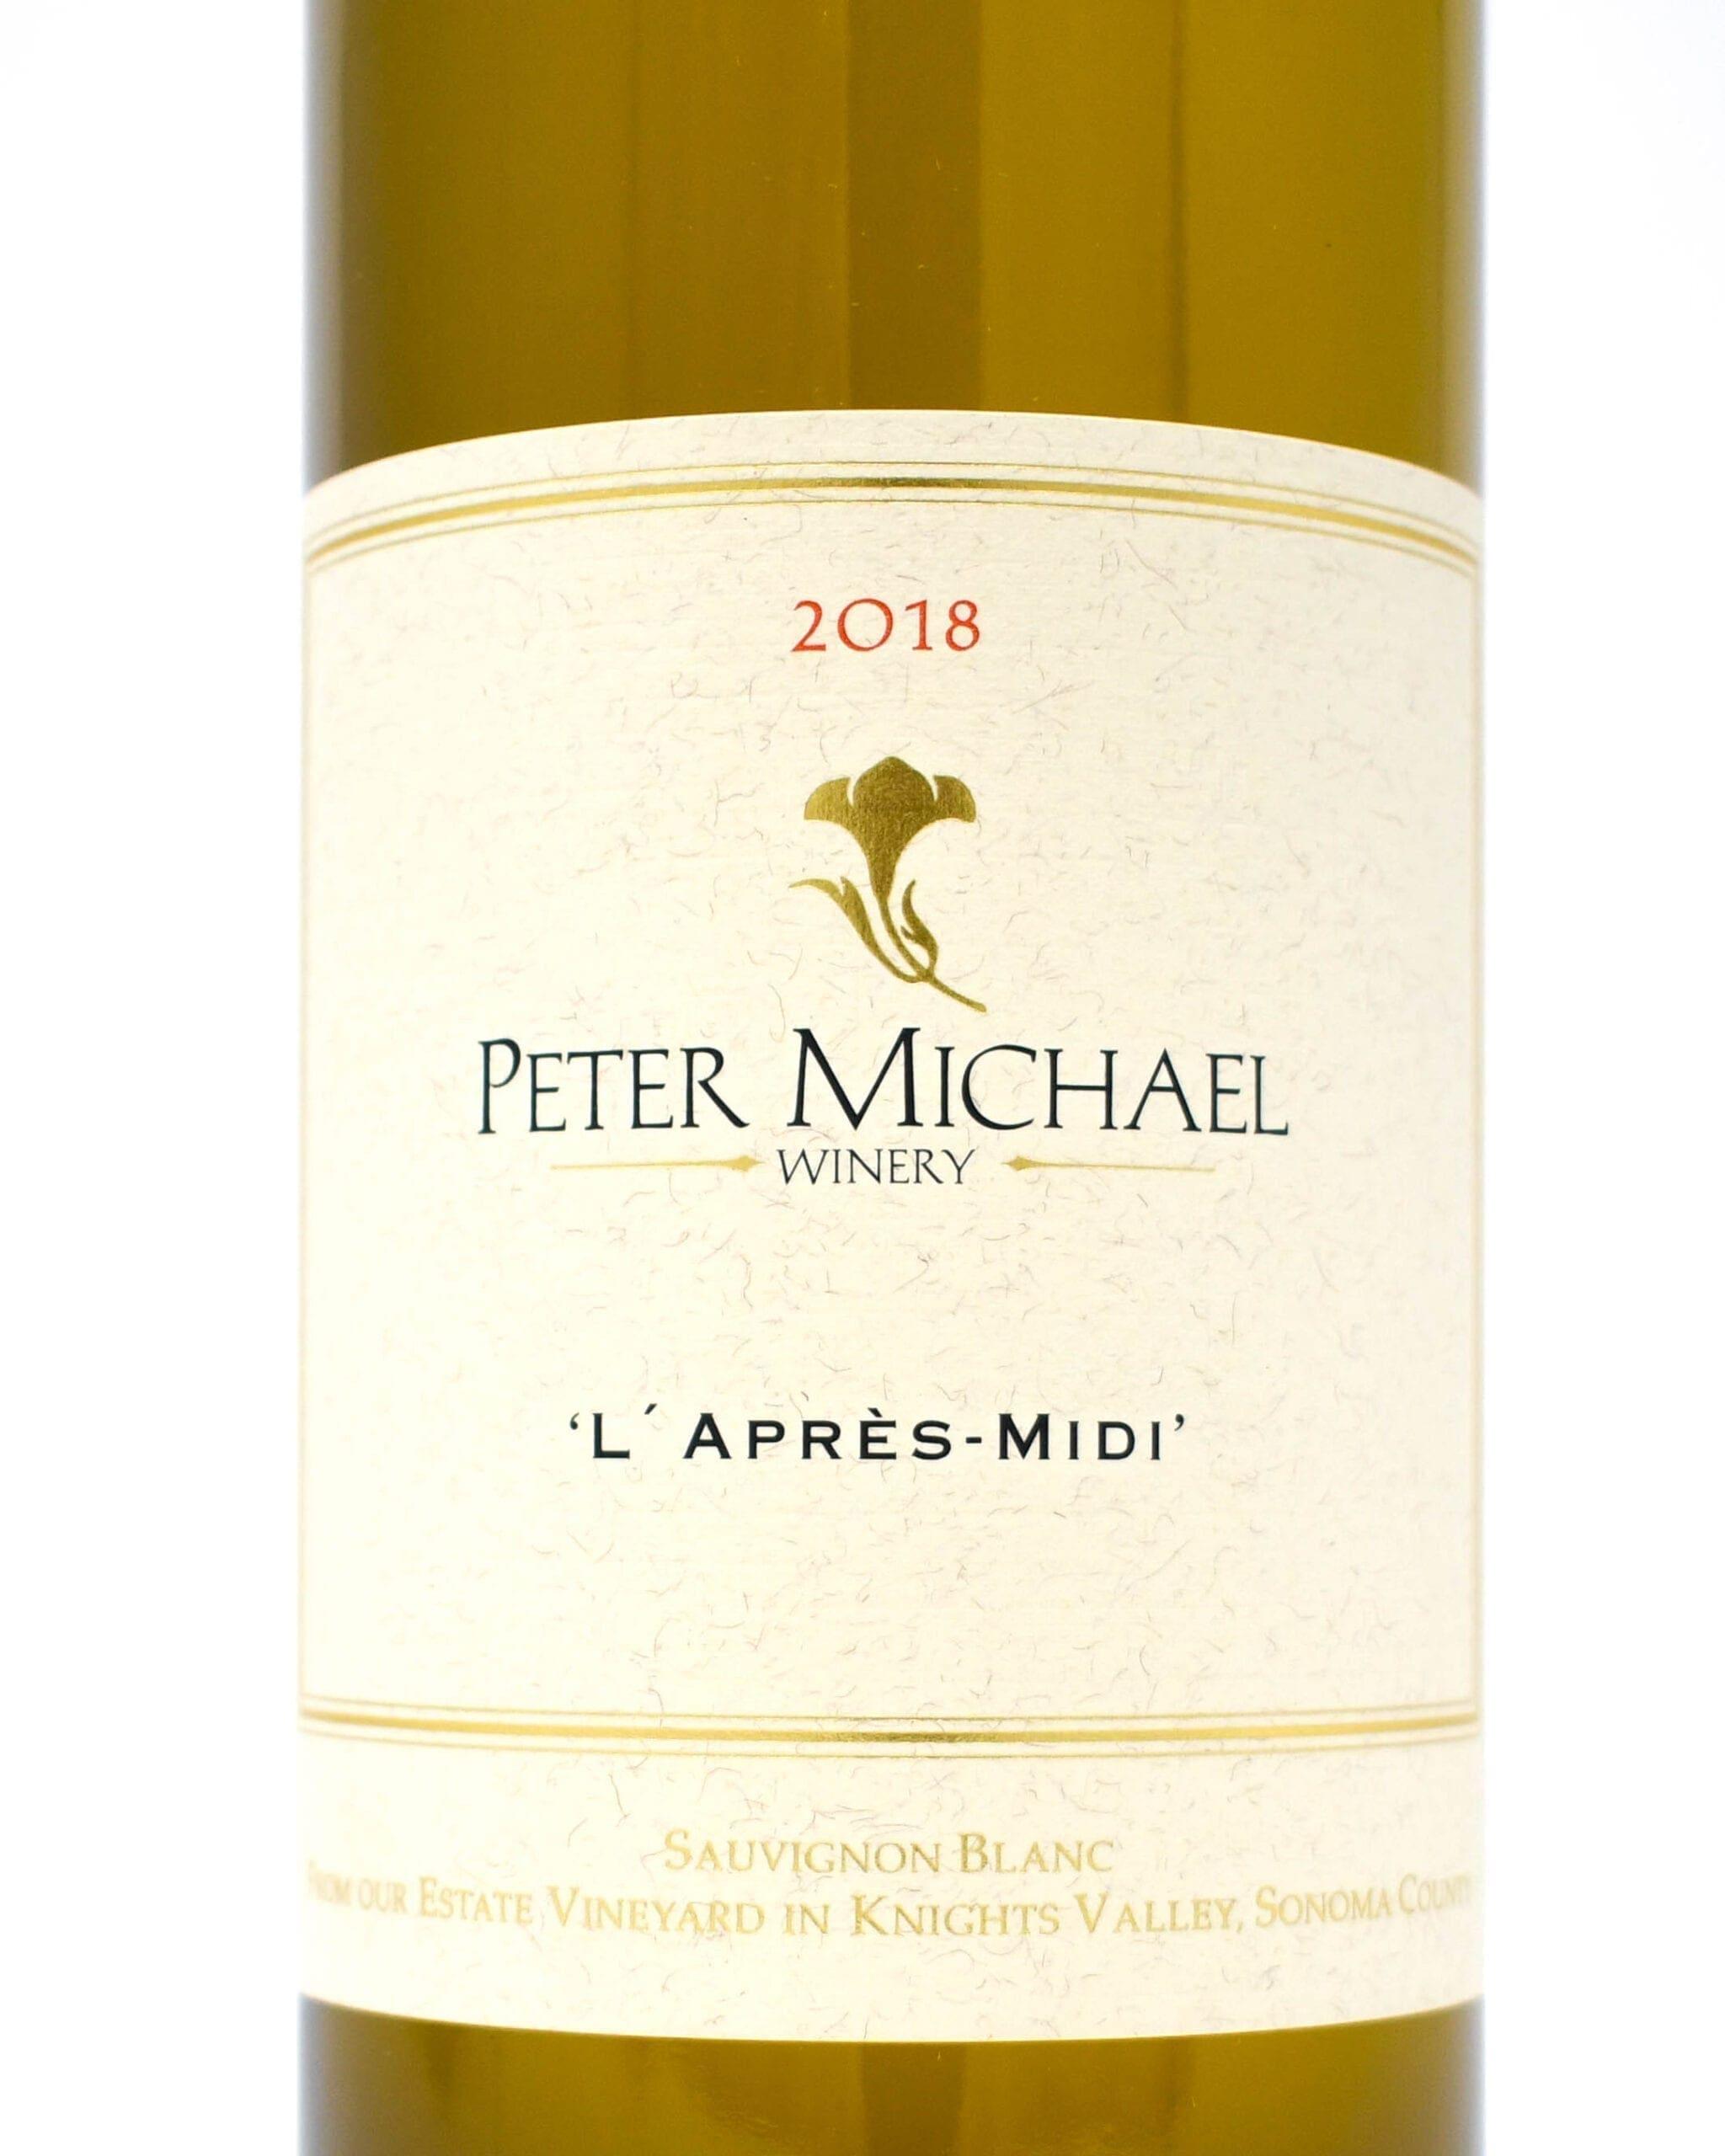 Peter Michael L'Apres Midi 2018